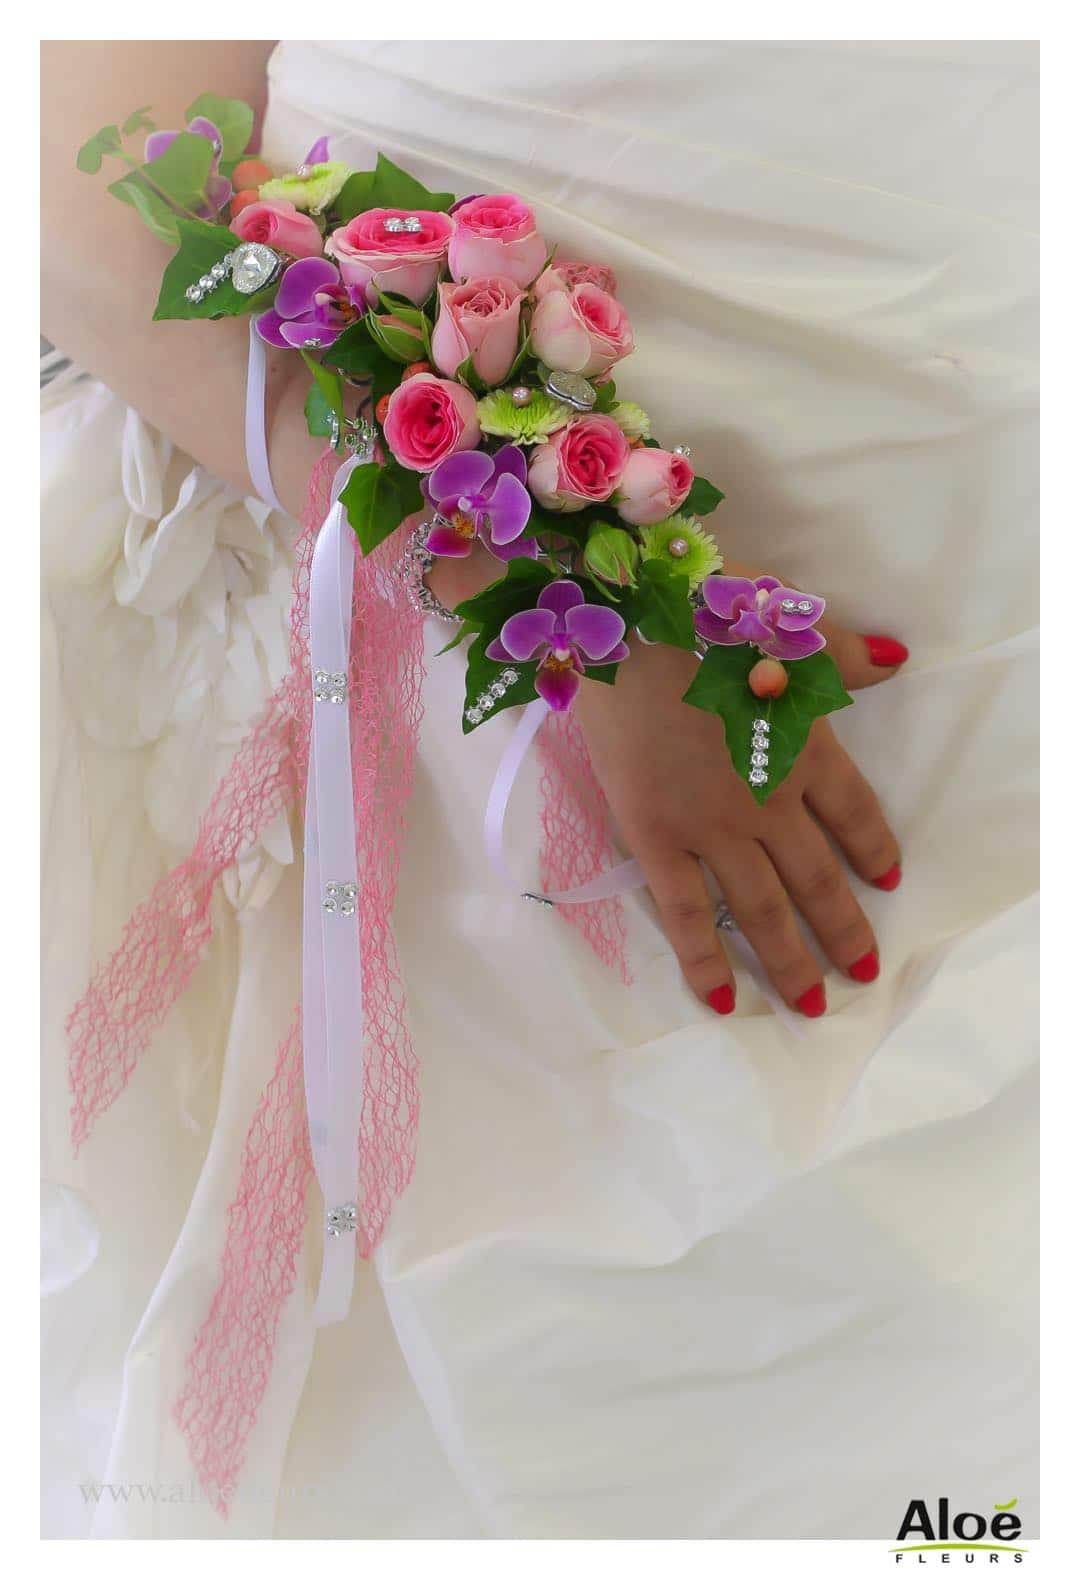 la manchette florale : une idée de bouquet original